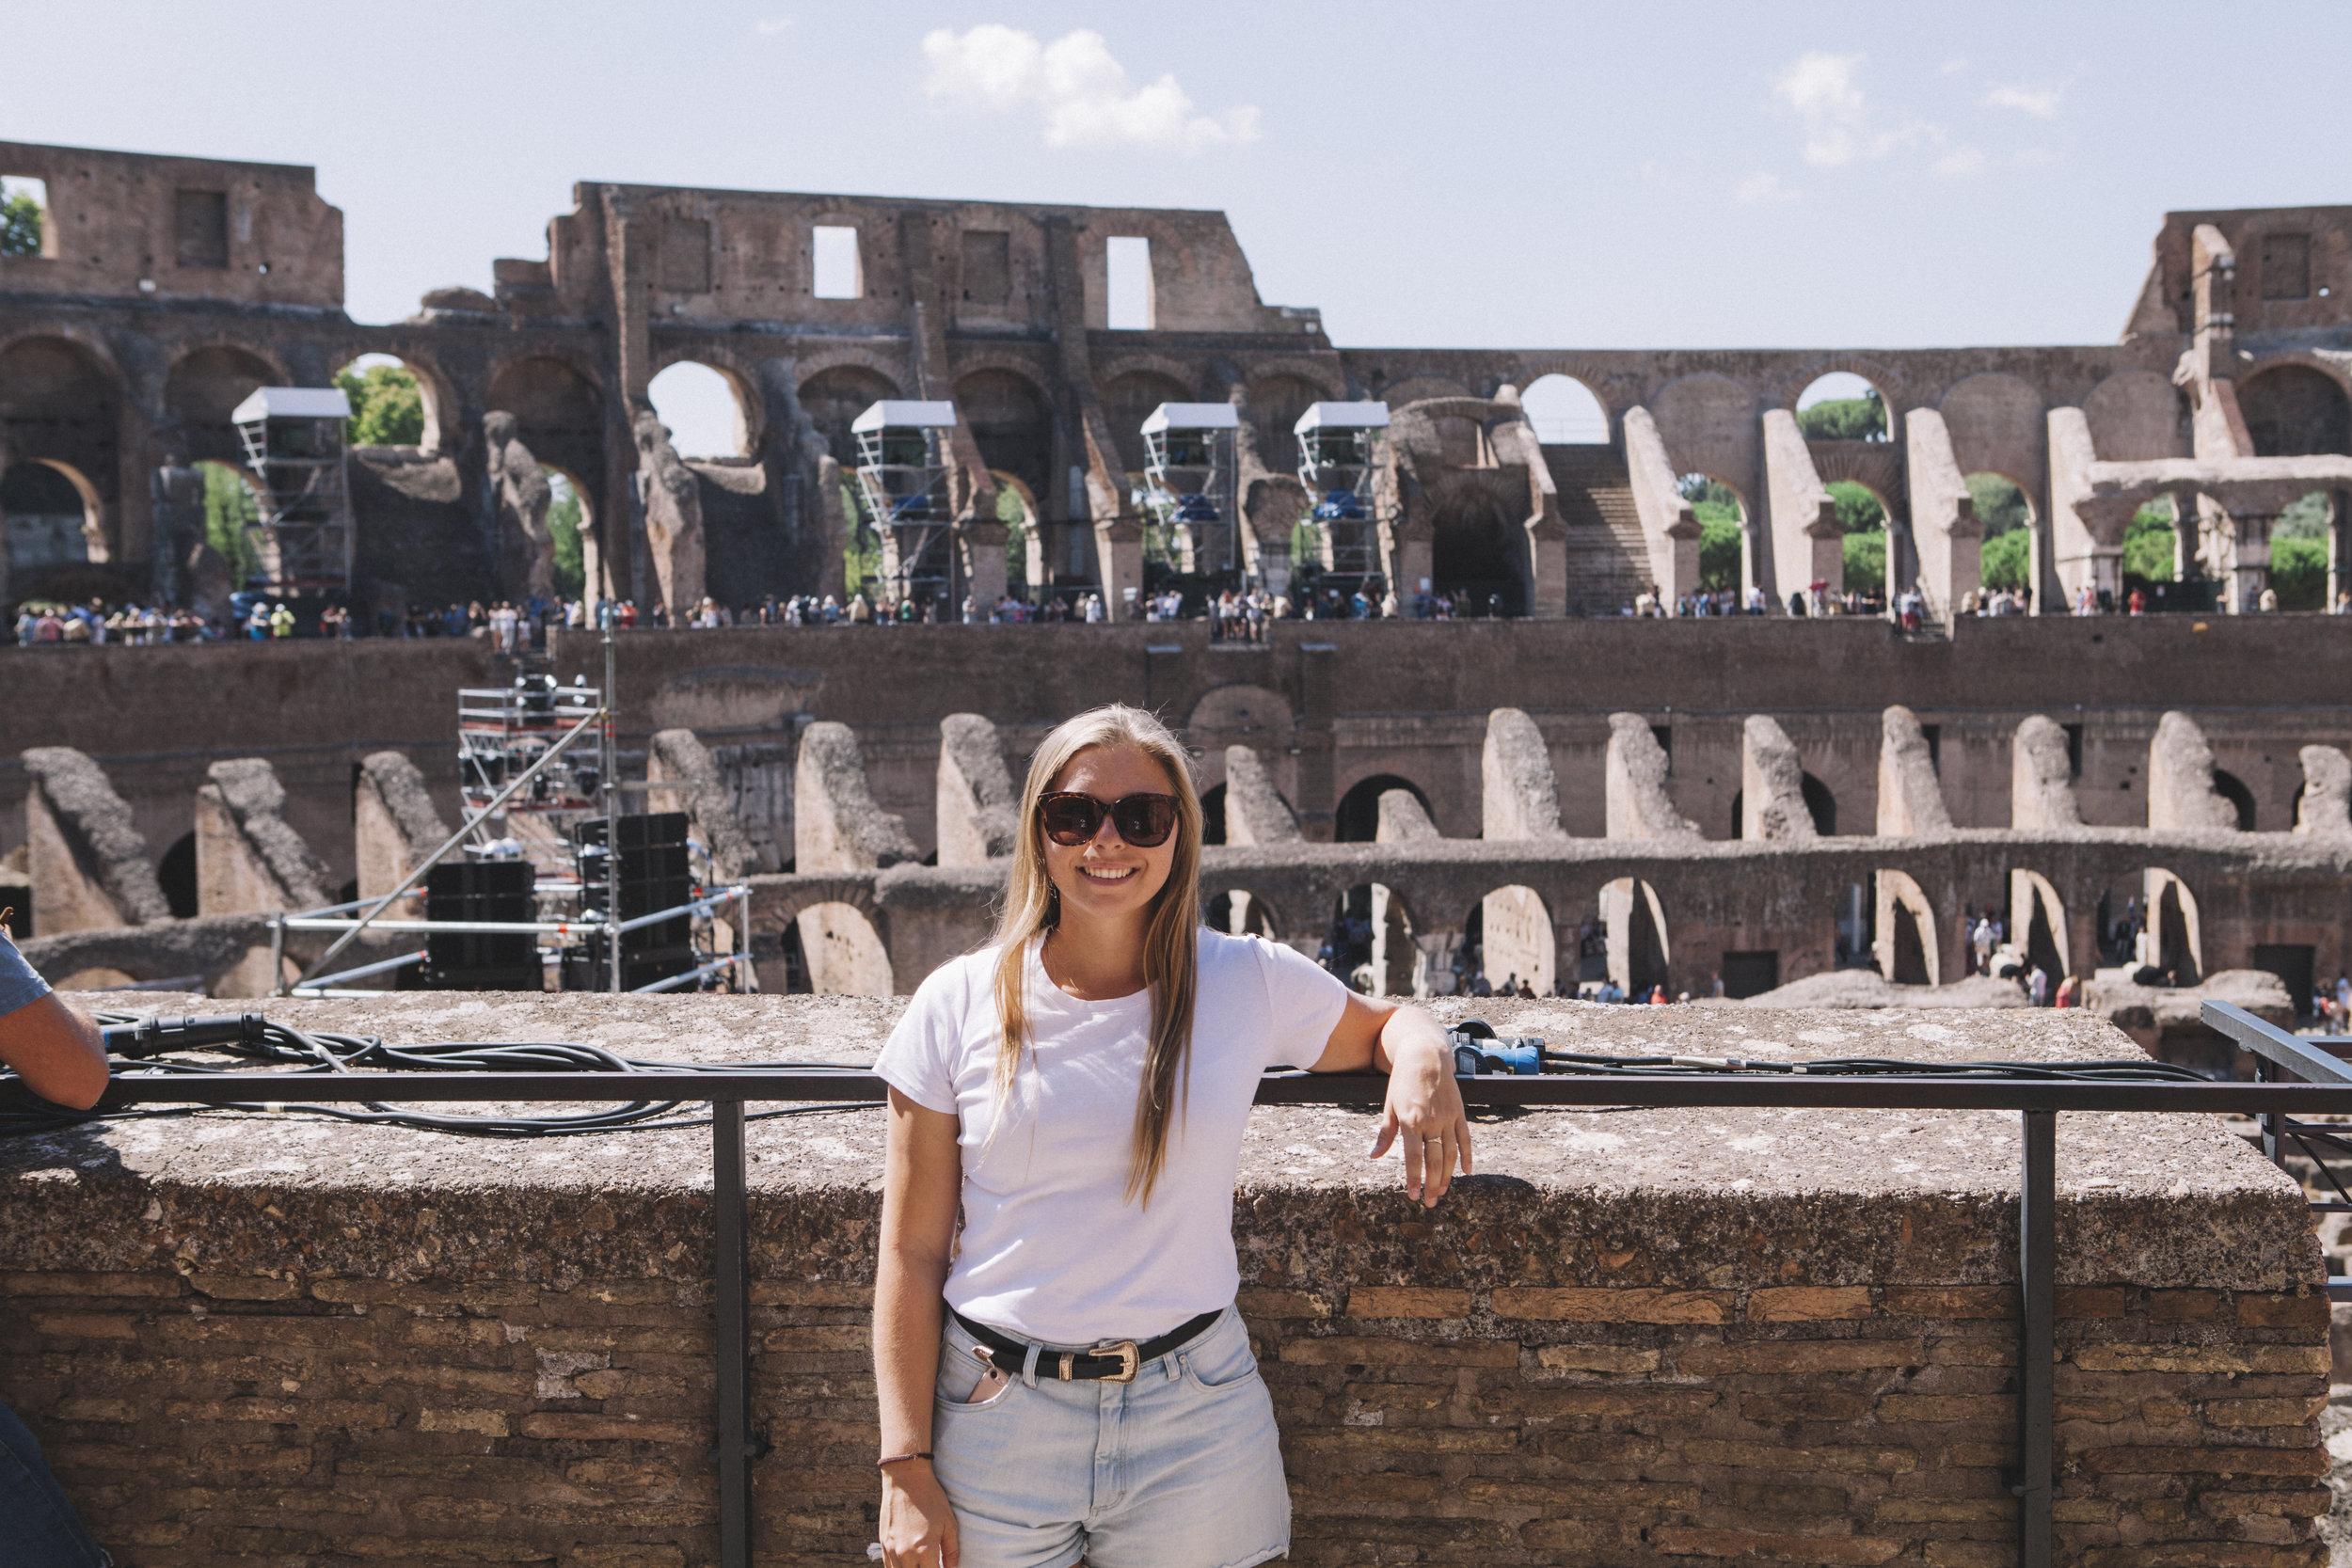 Colosseum_1458.jpg